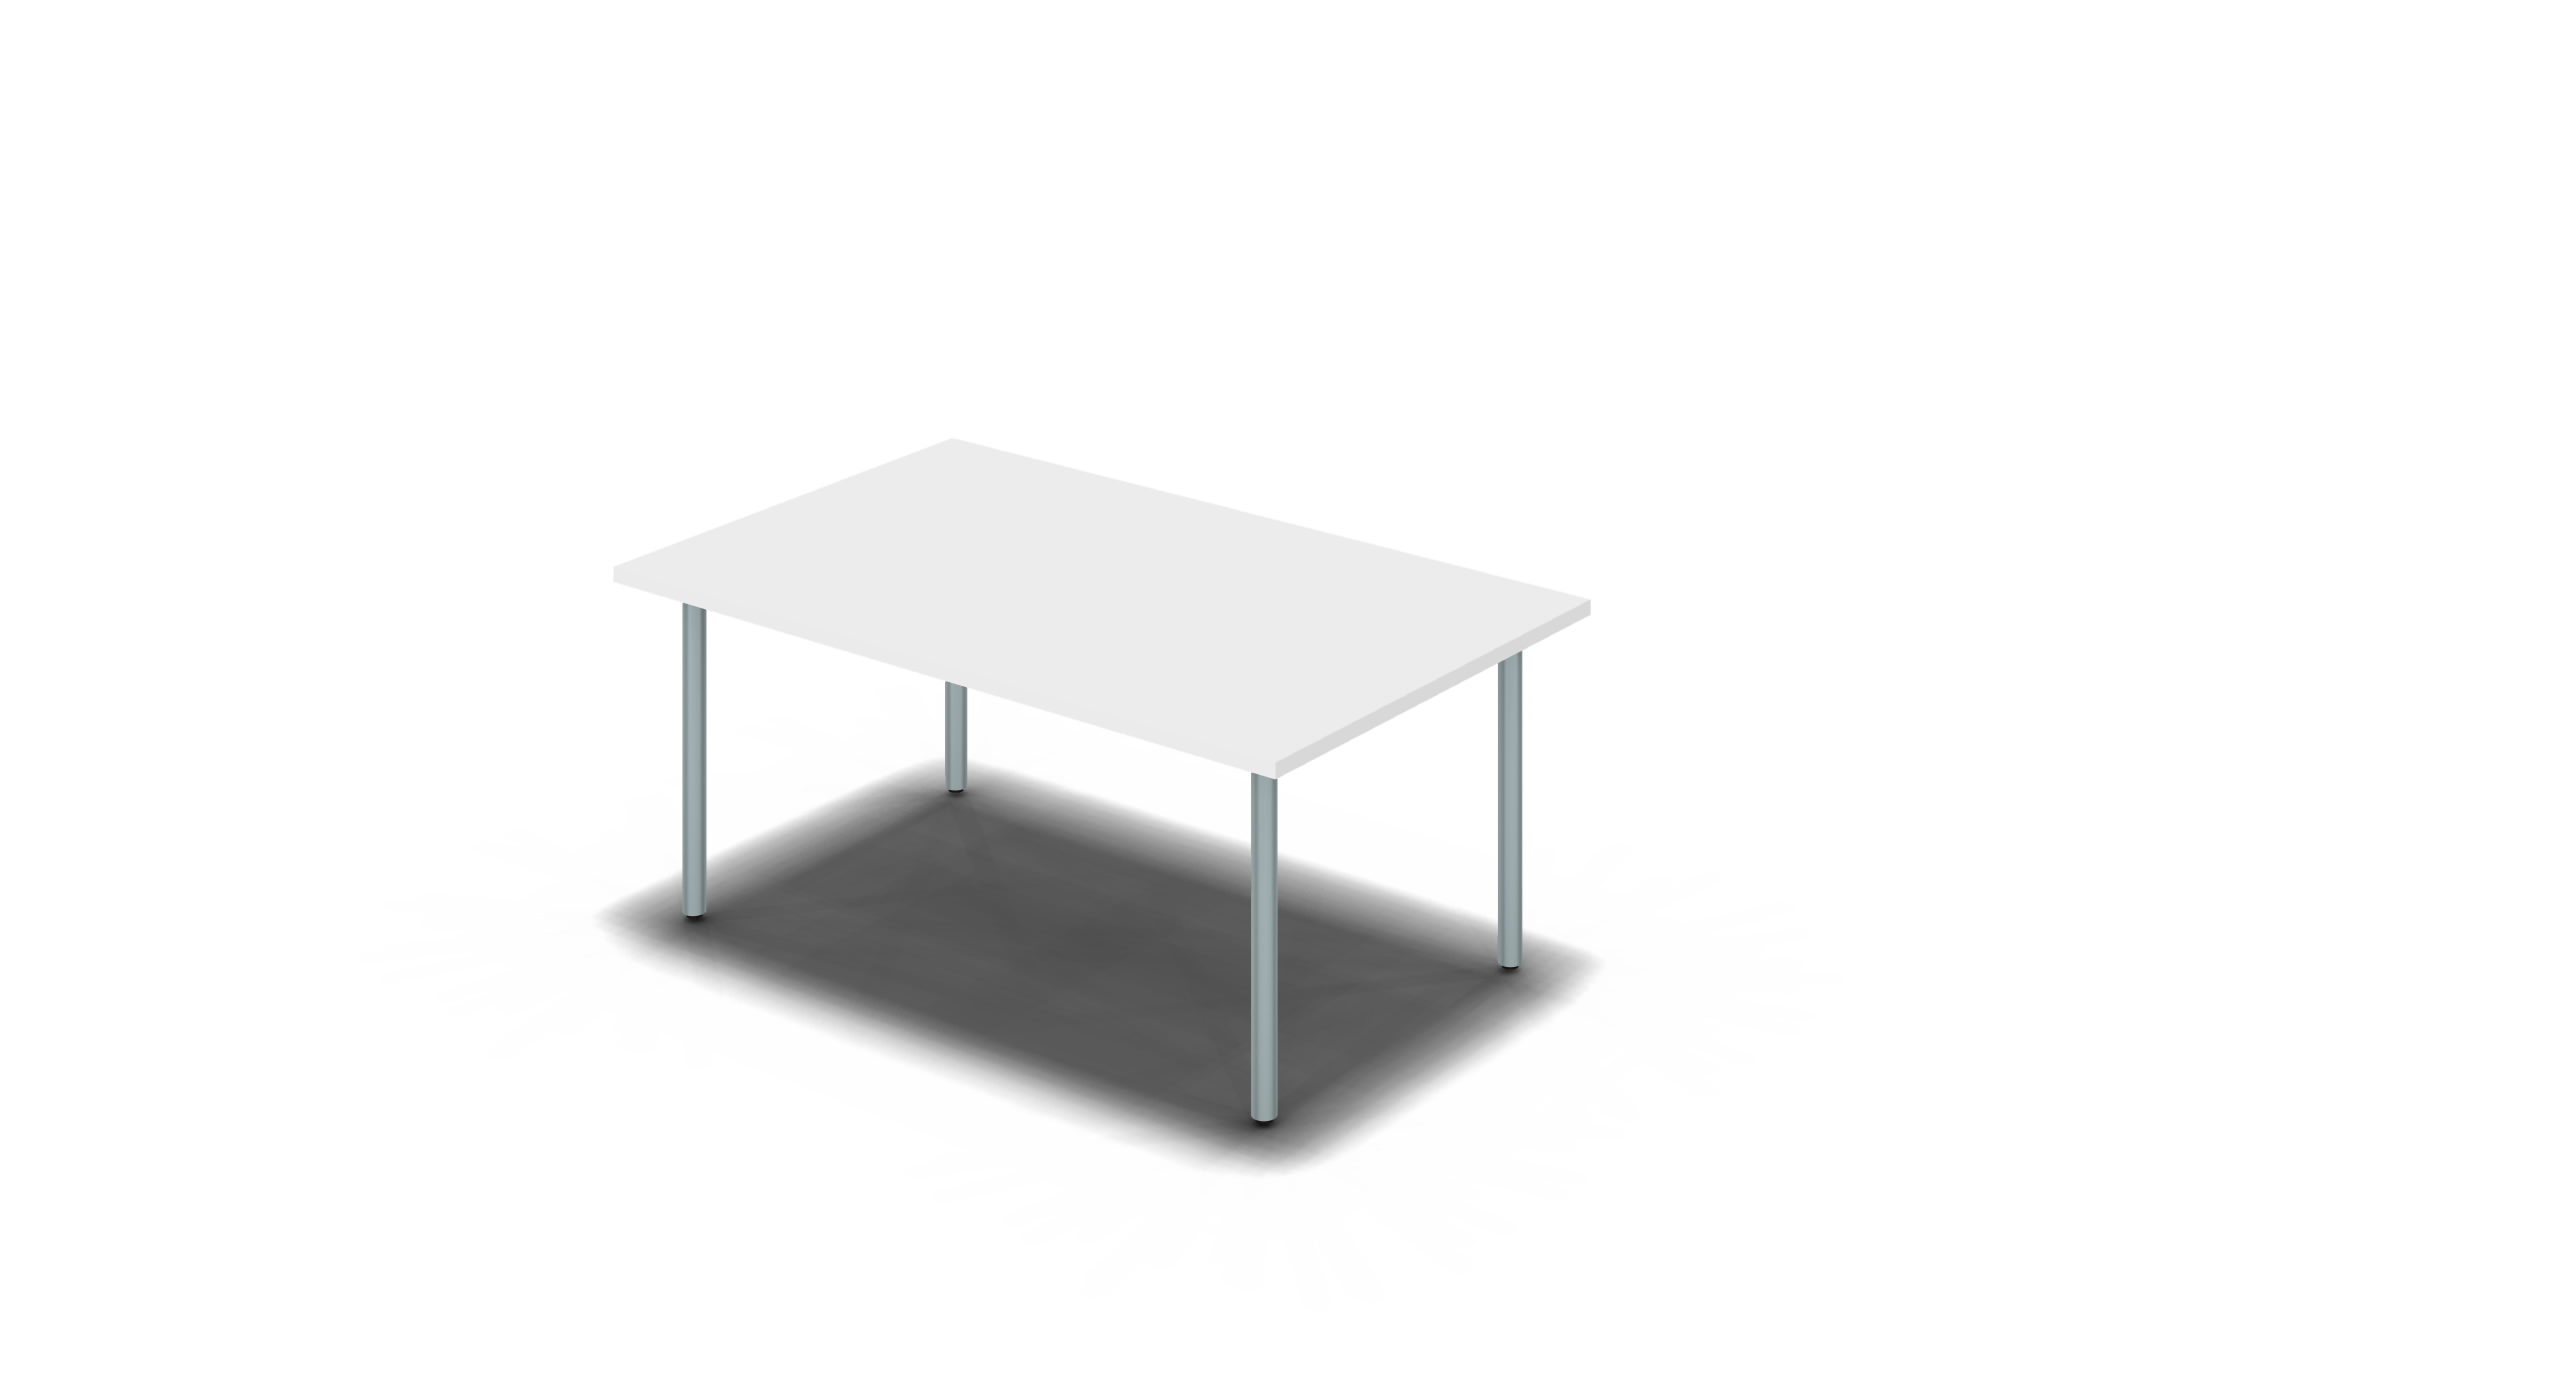 Table_Round_1500x900_Silver_White_noOption